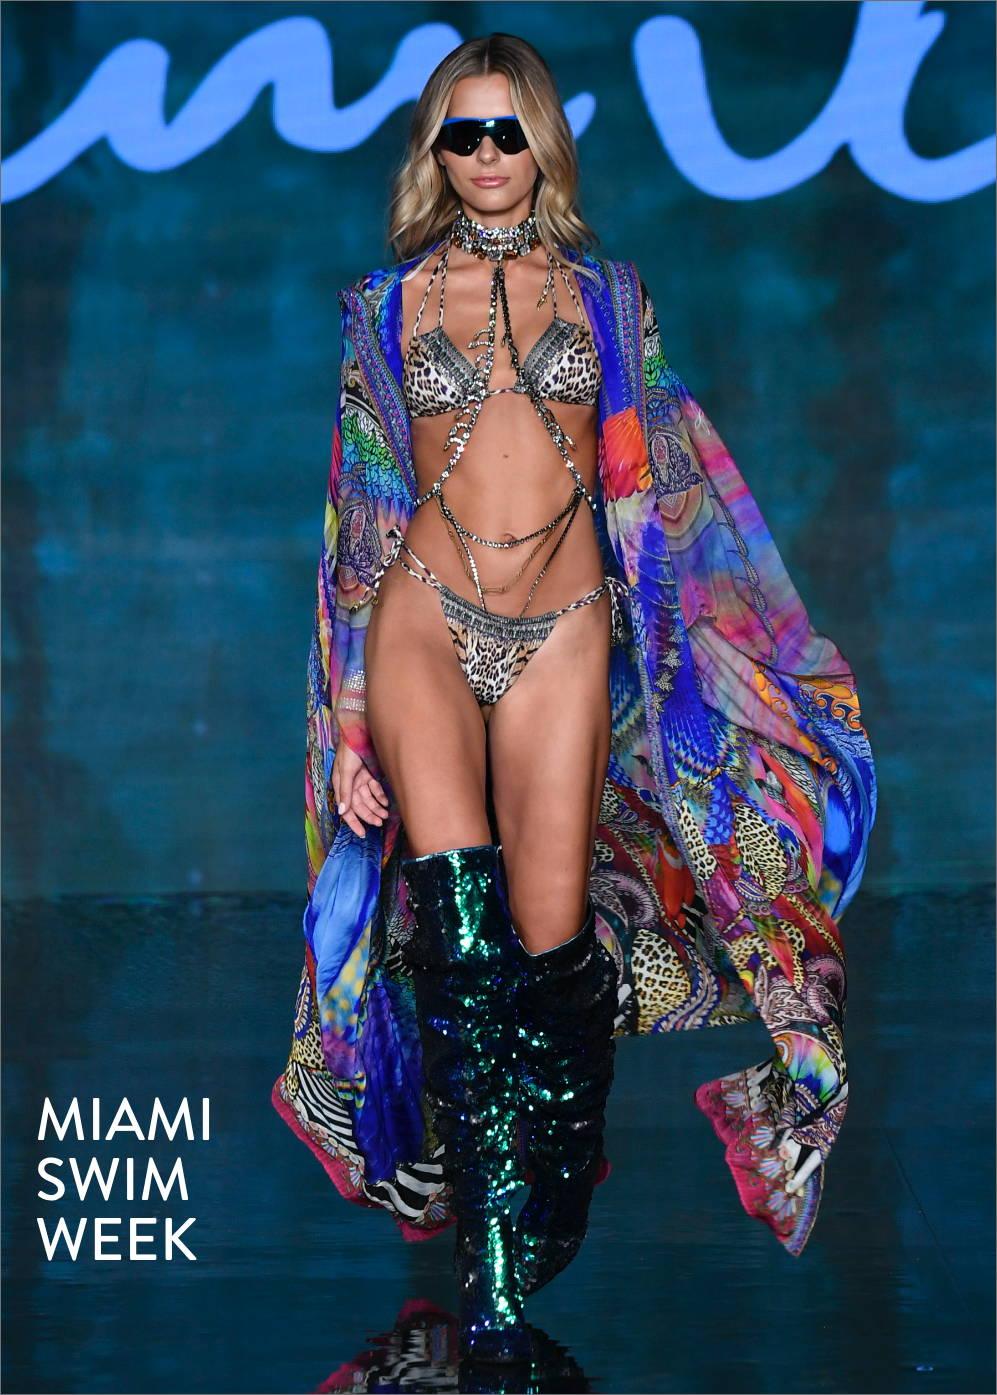 CAMILLA Miami swim week leopard print bikini